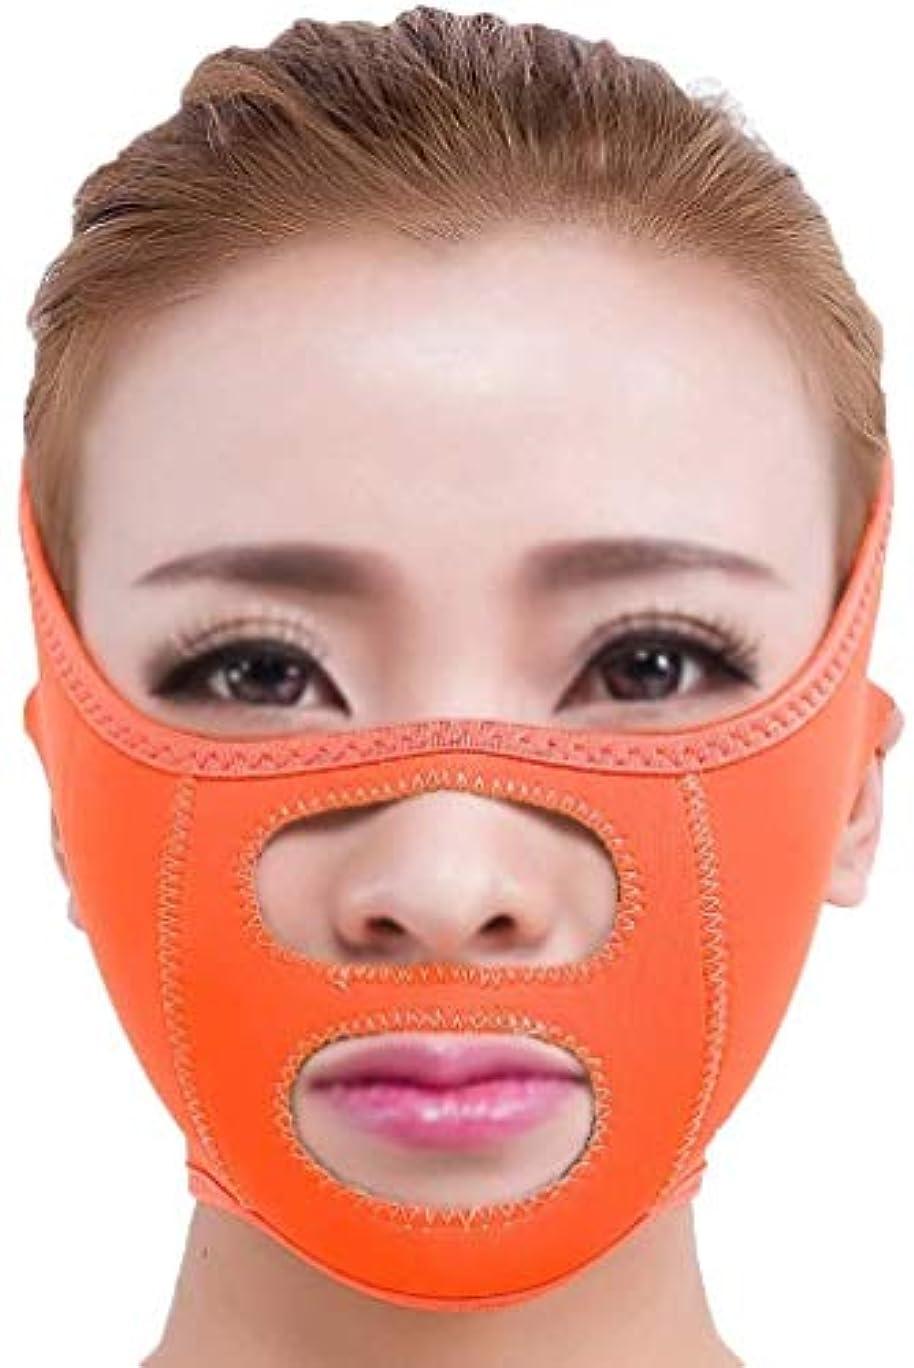 剥離許されるオール美容と実用的なSlim身ベルト、フェイシャルマスク薄い顔マスク睡眠薄い顔マスク薄い顔包帯薄い顔アーティファクト薄い顔顔リフティング薄い顔小さなV顔睡眠薄い顔ベルト